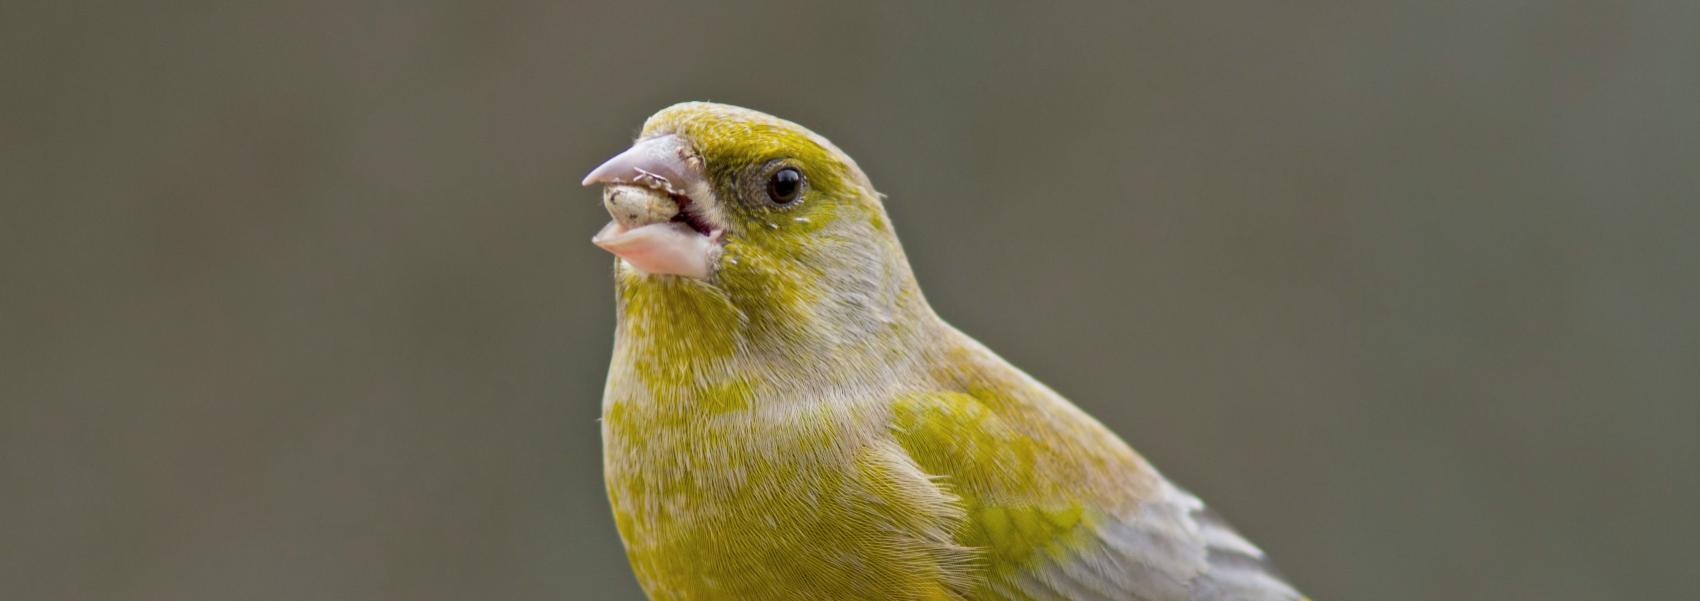 groenling (vogel)